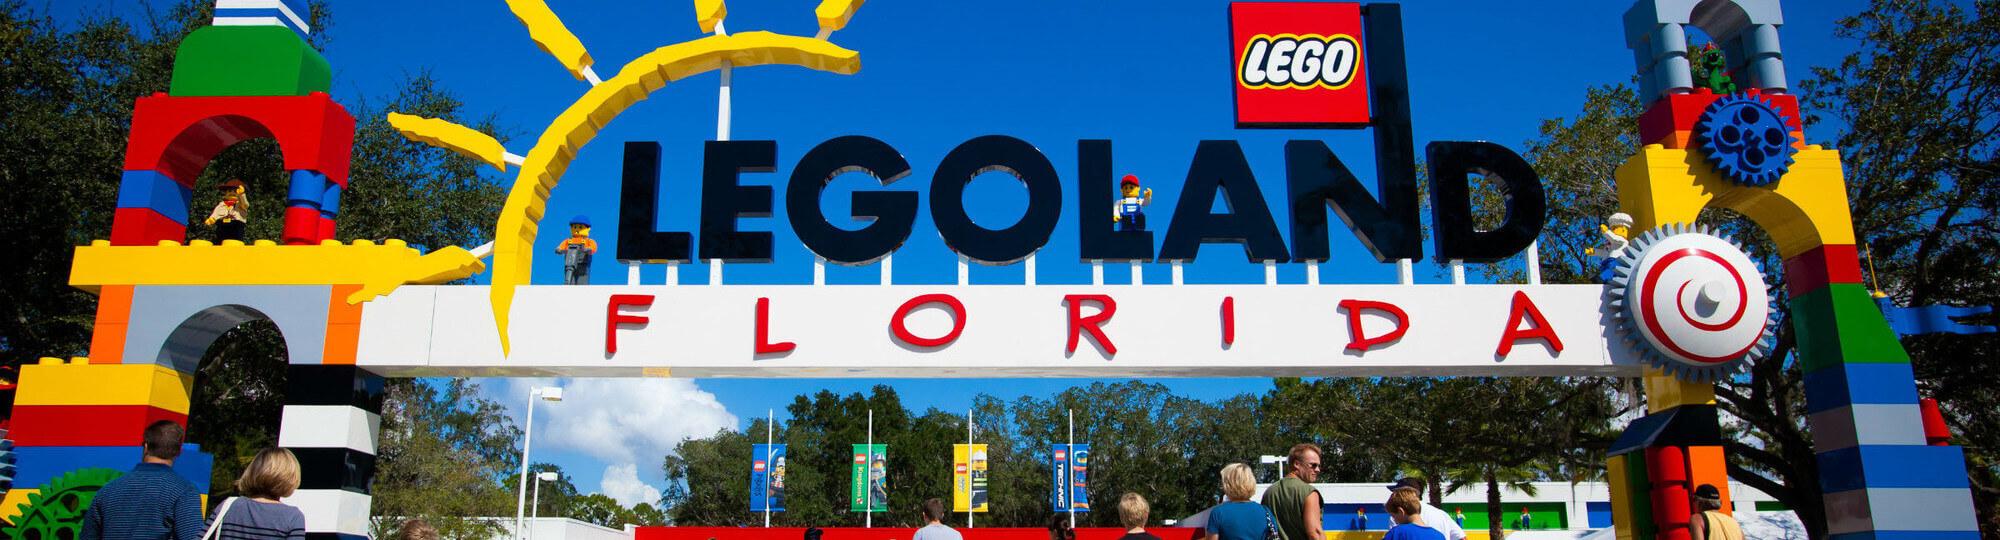 Tickets2You.com   Orlando Discount Theme Park Tickets